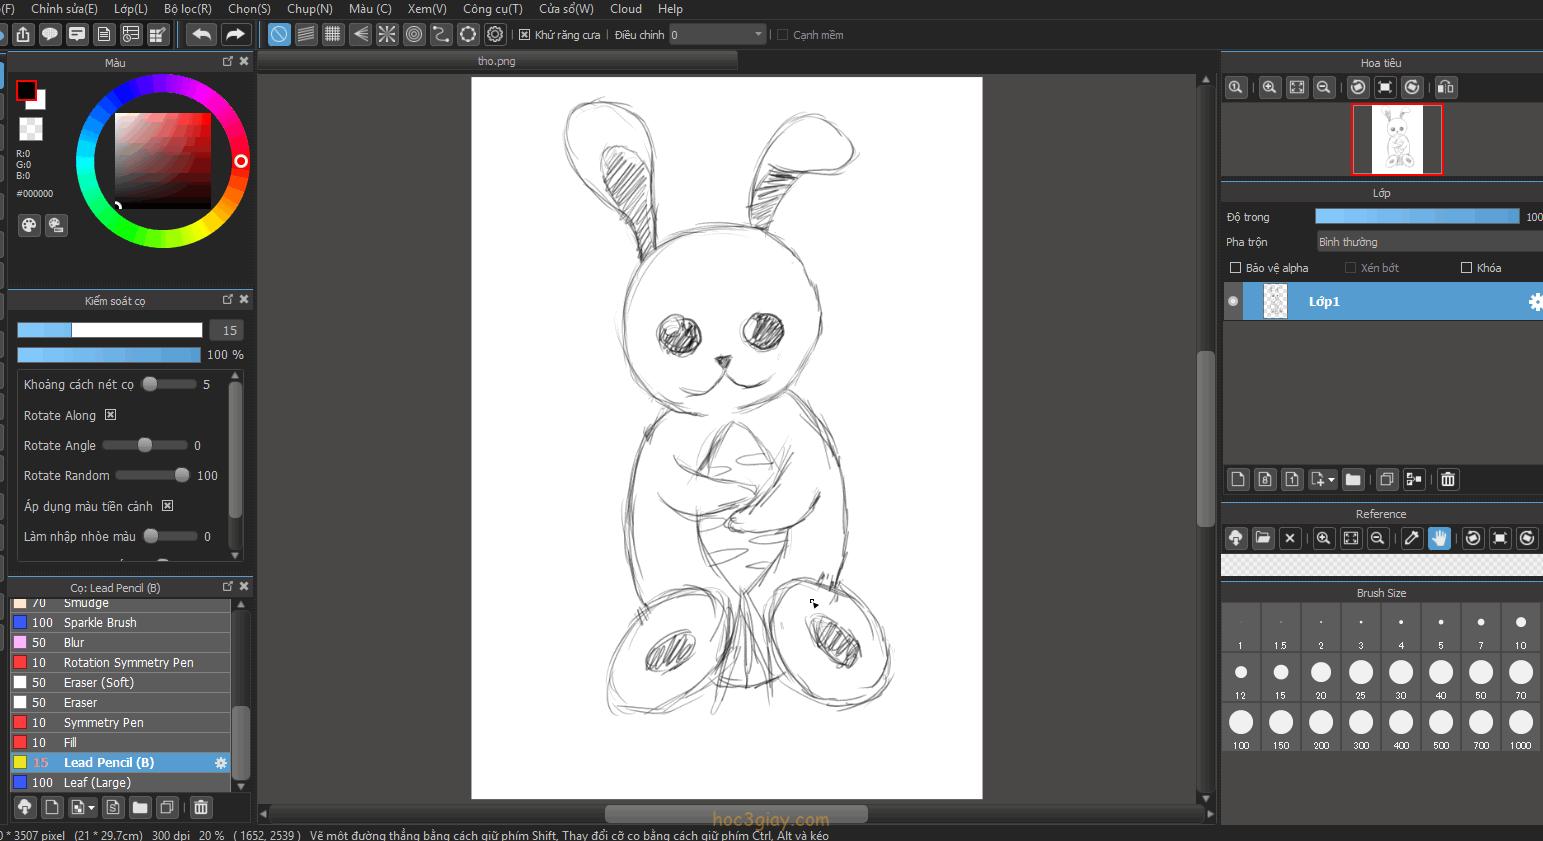 Hướng dẫn vẽ thỏ dể thương đơn giản